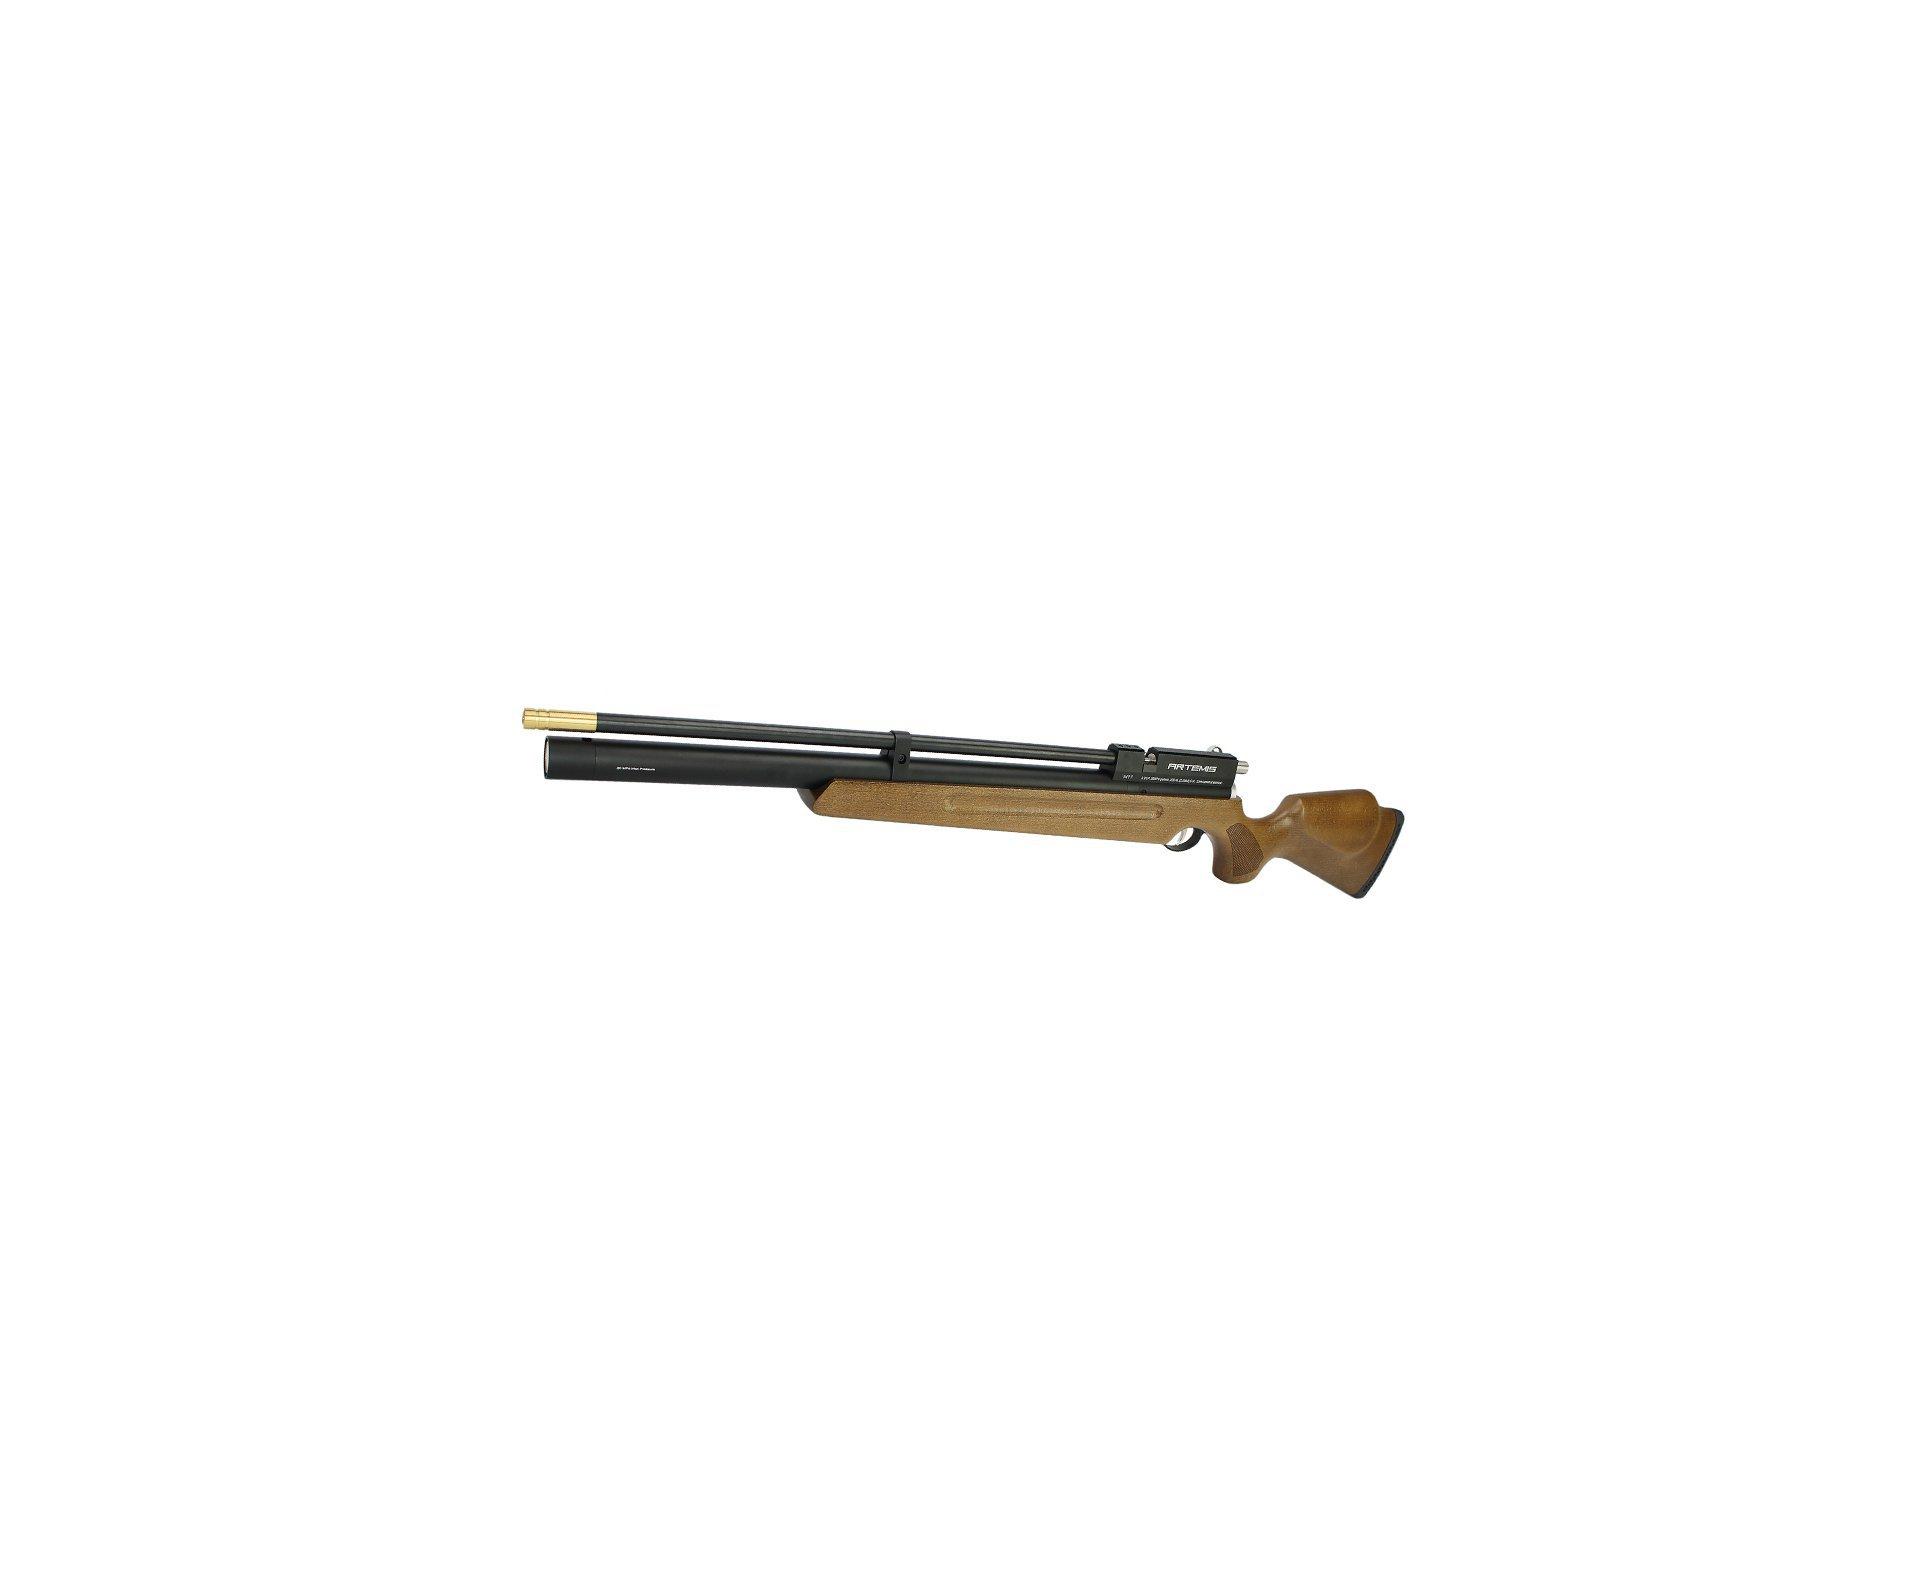 Carabina De Pressão Pcp M11 5,5mm 11 Tiros Madeira Spa Ar+